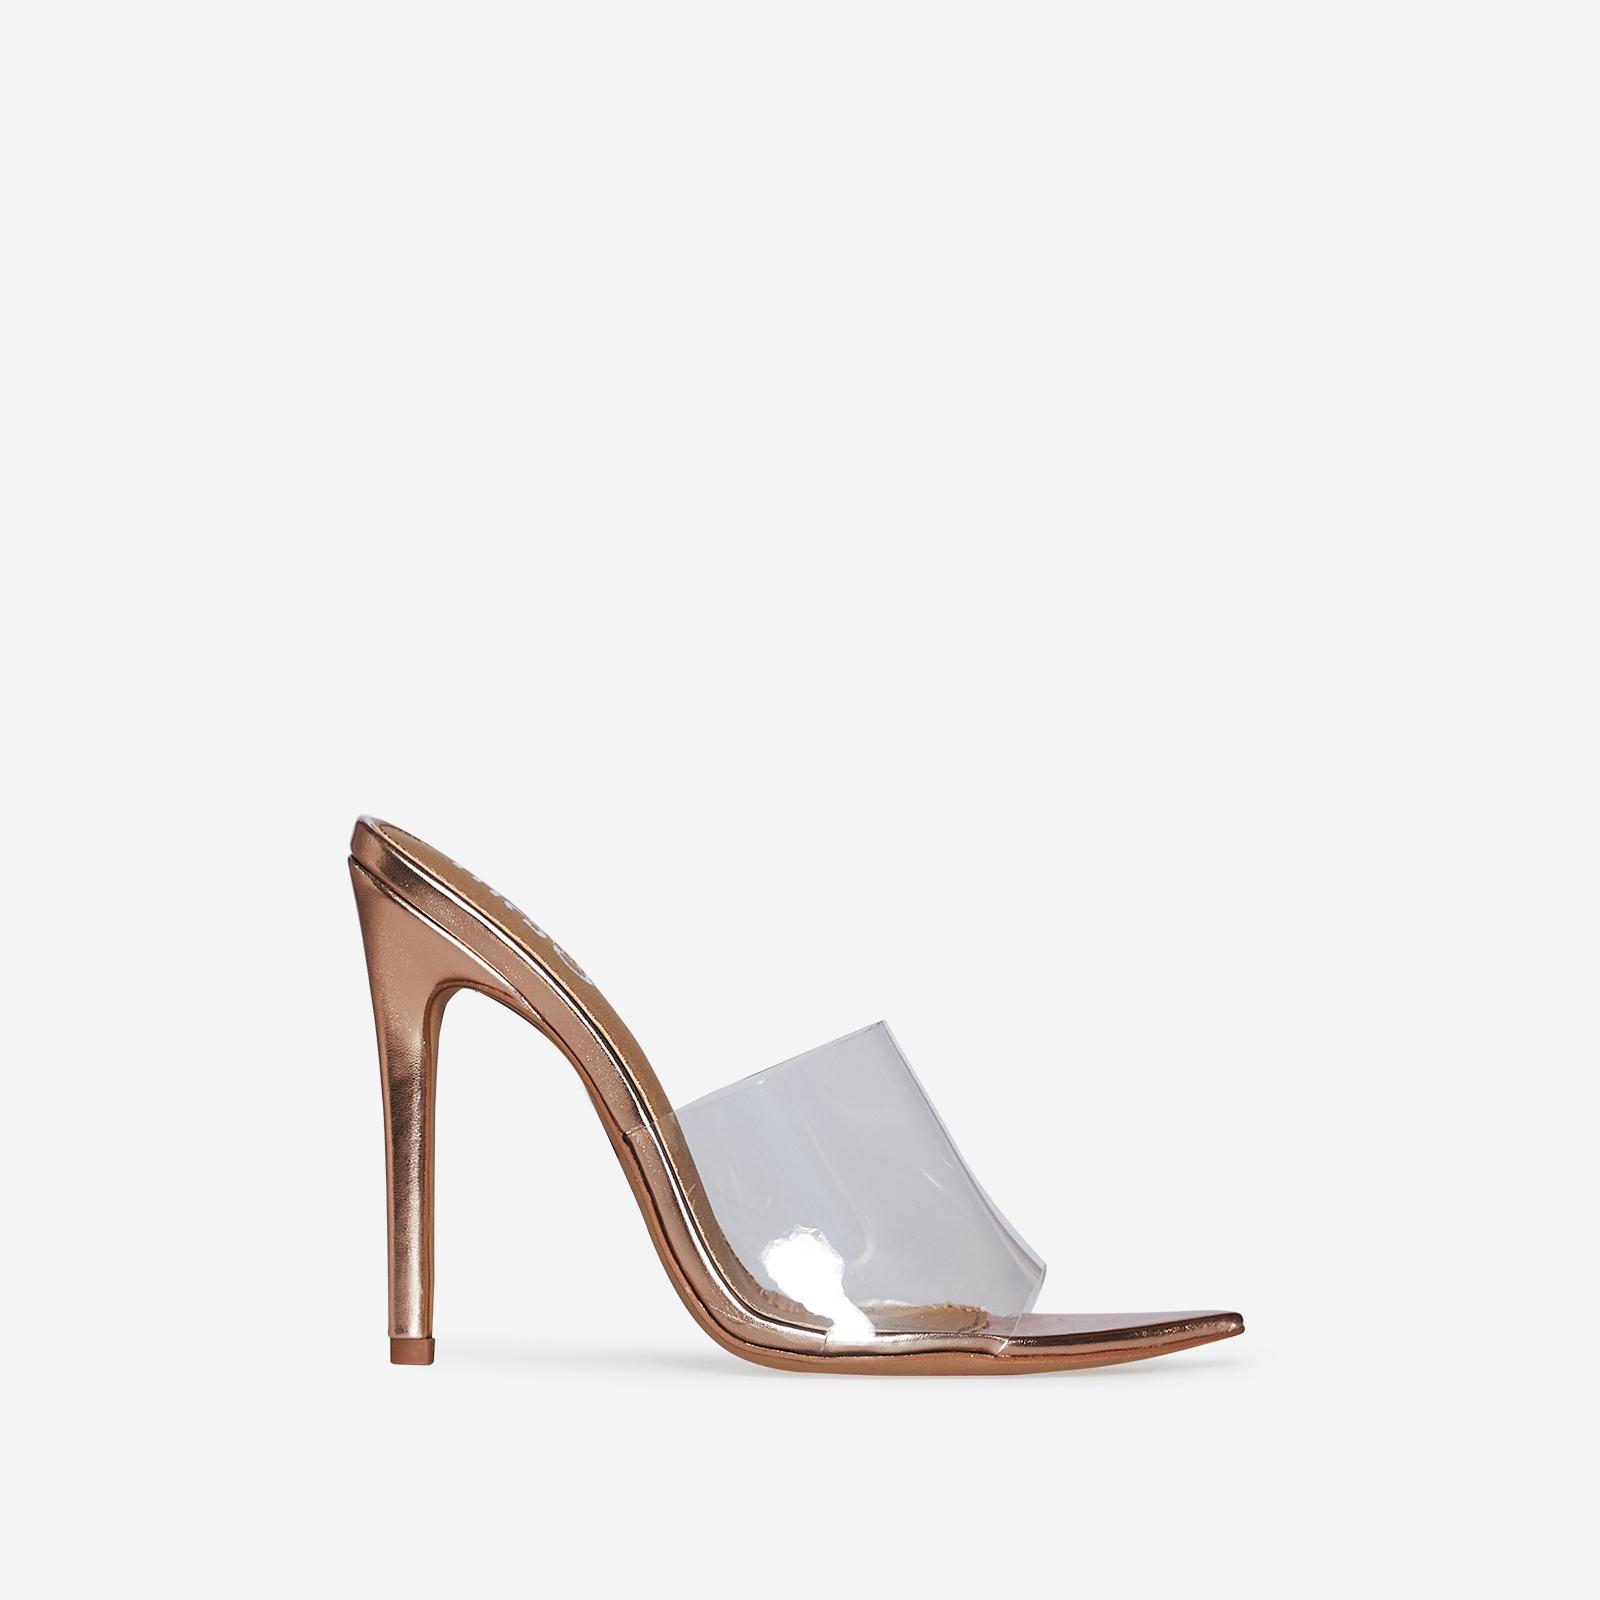 Kilo Perspex Peep Toe Mule In Rose Gold Patent